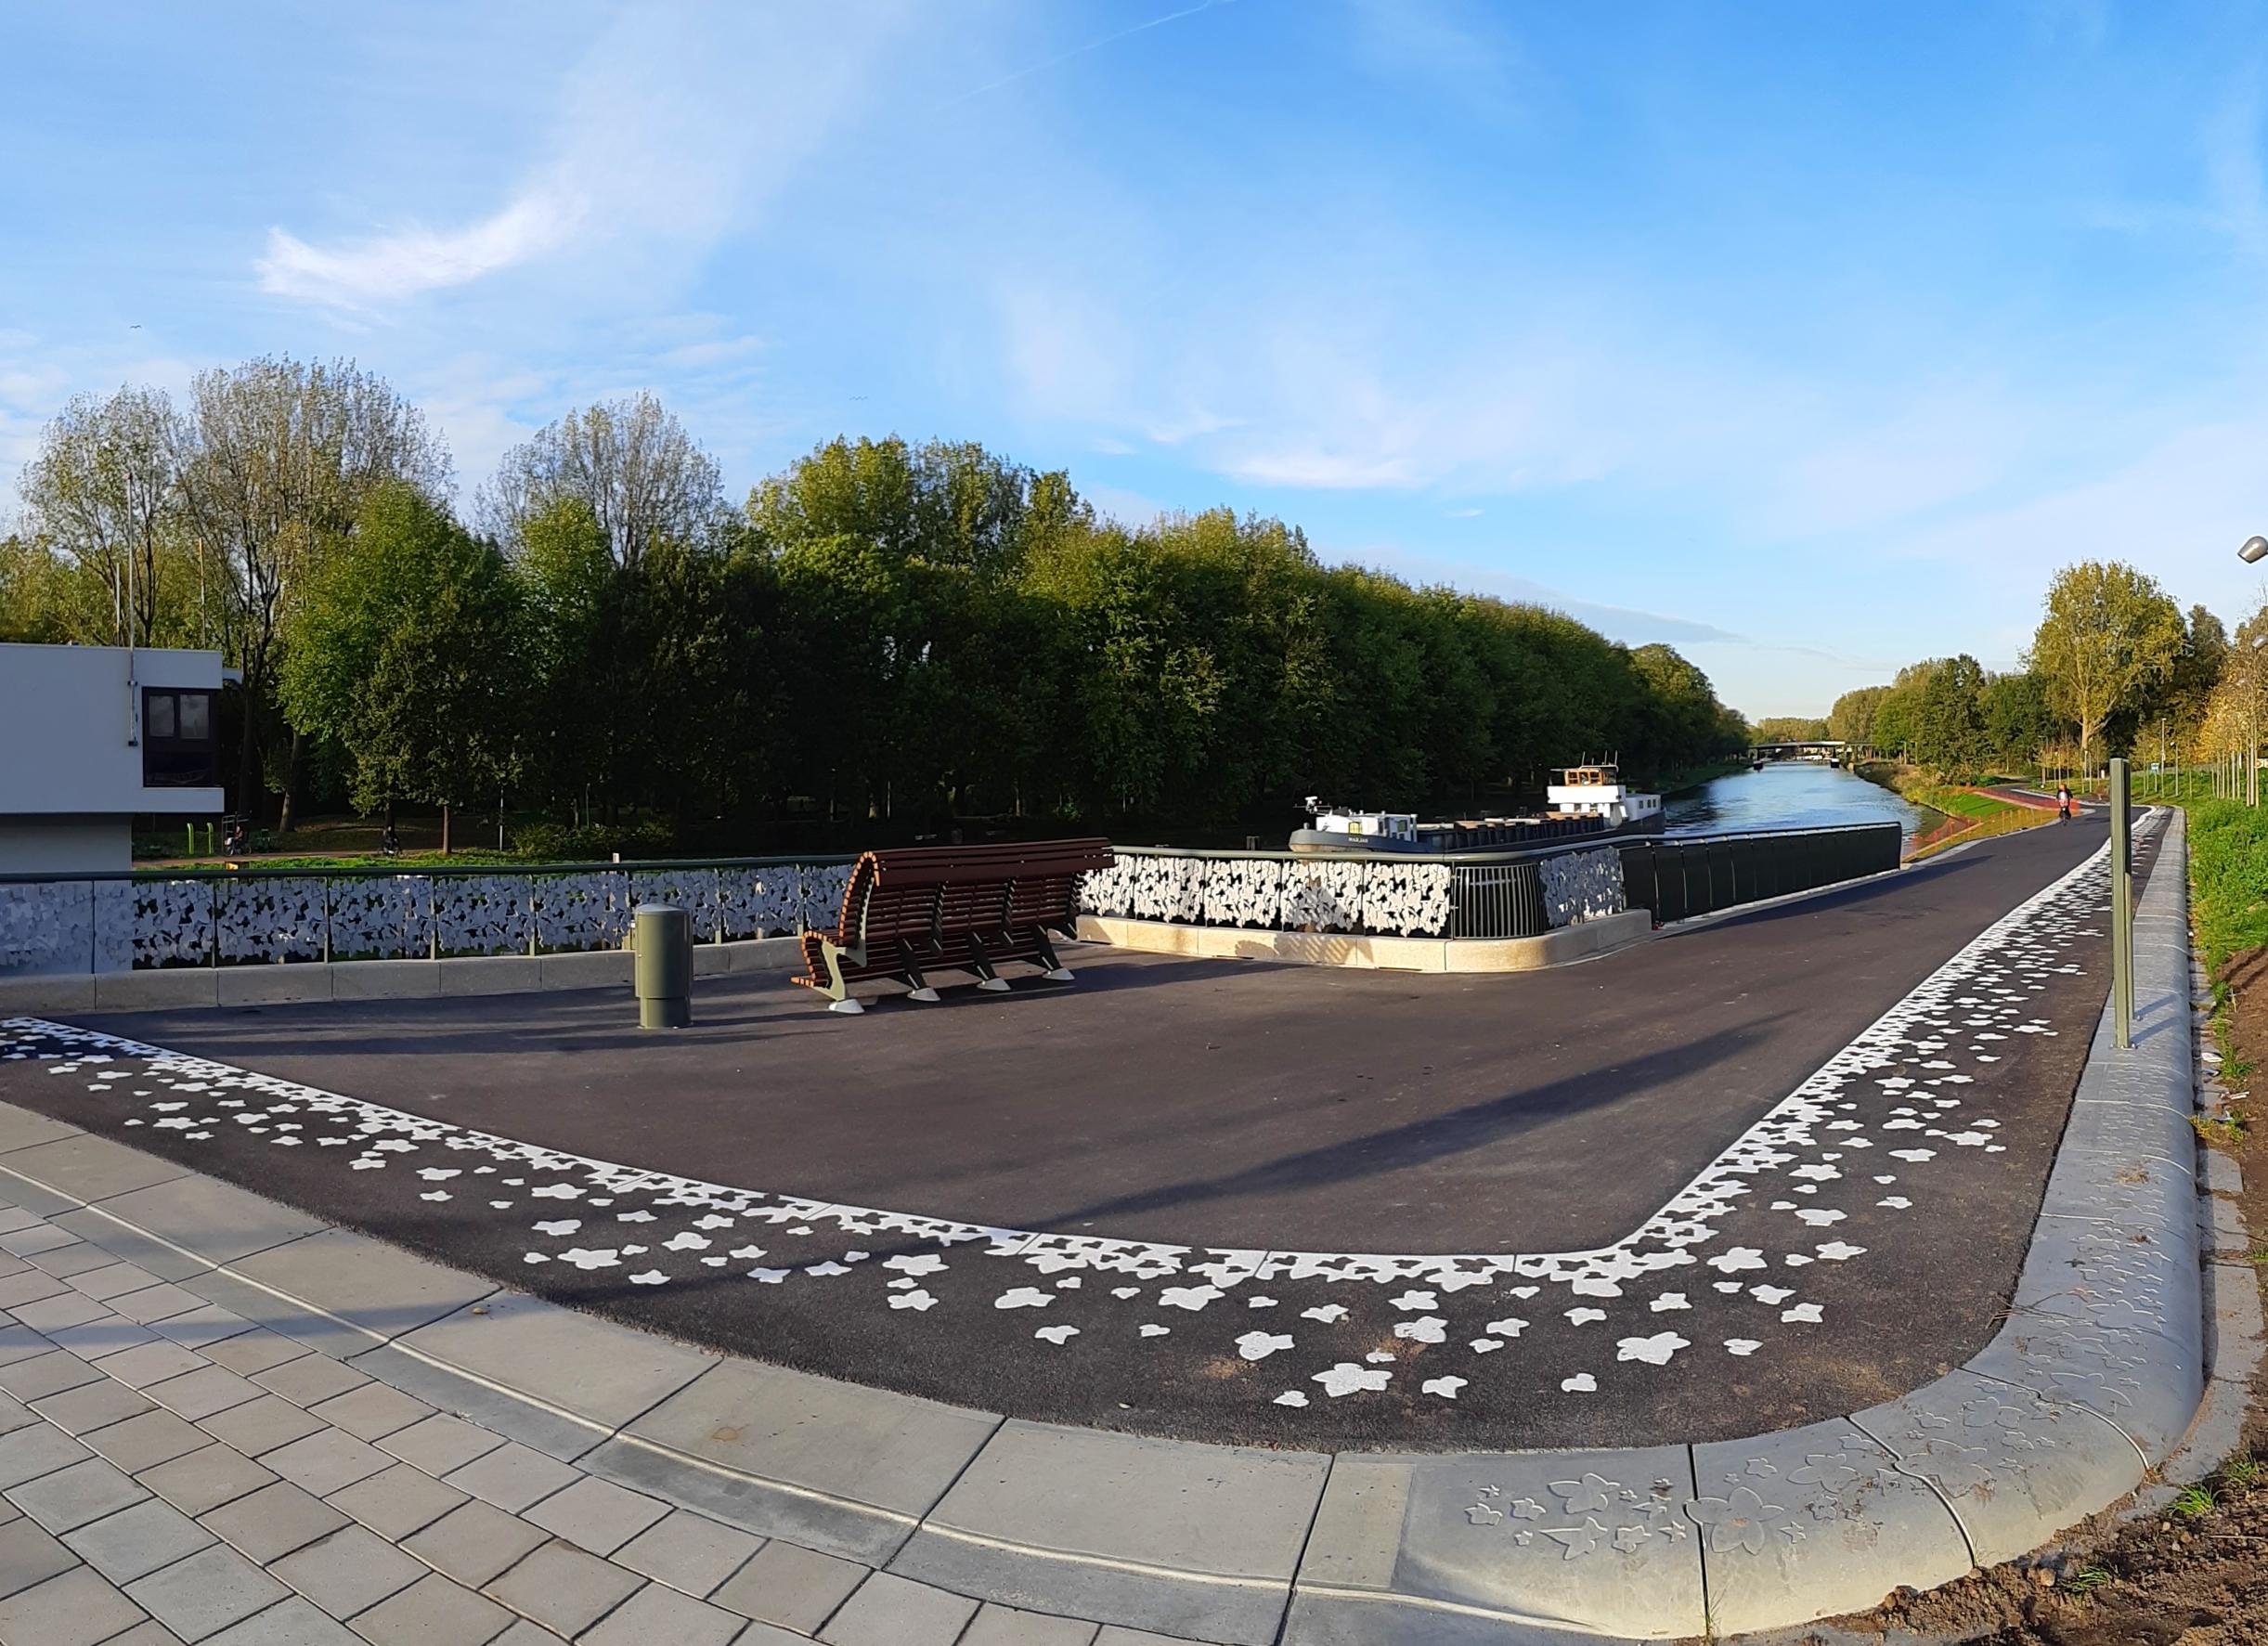 De nieuwe parkentree in het Noorderpark. (Foto: aangeleverd)